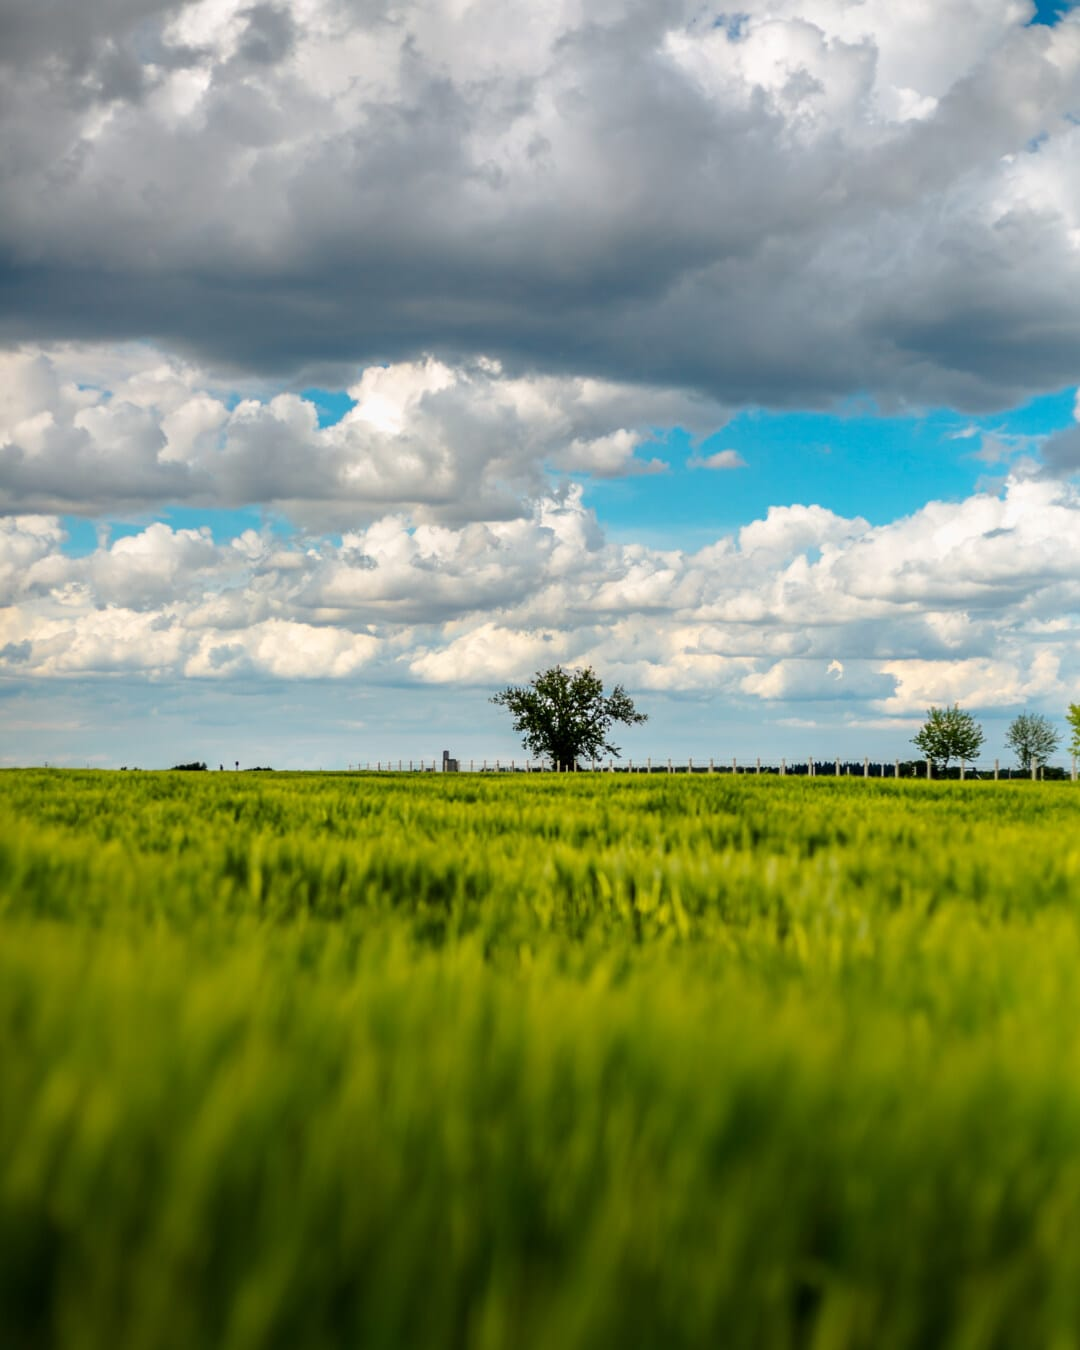 domaine, nature, Agriculture, champ de blé, paysage, rural, soleil, les terres agricoles, blé, herbe